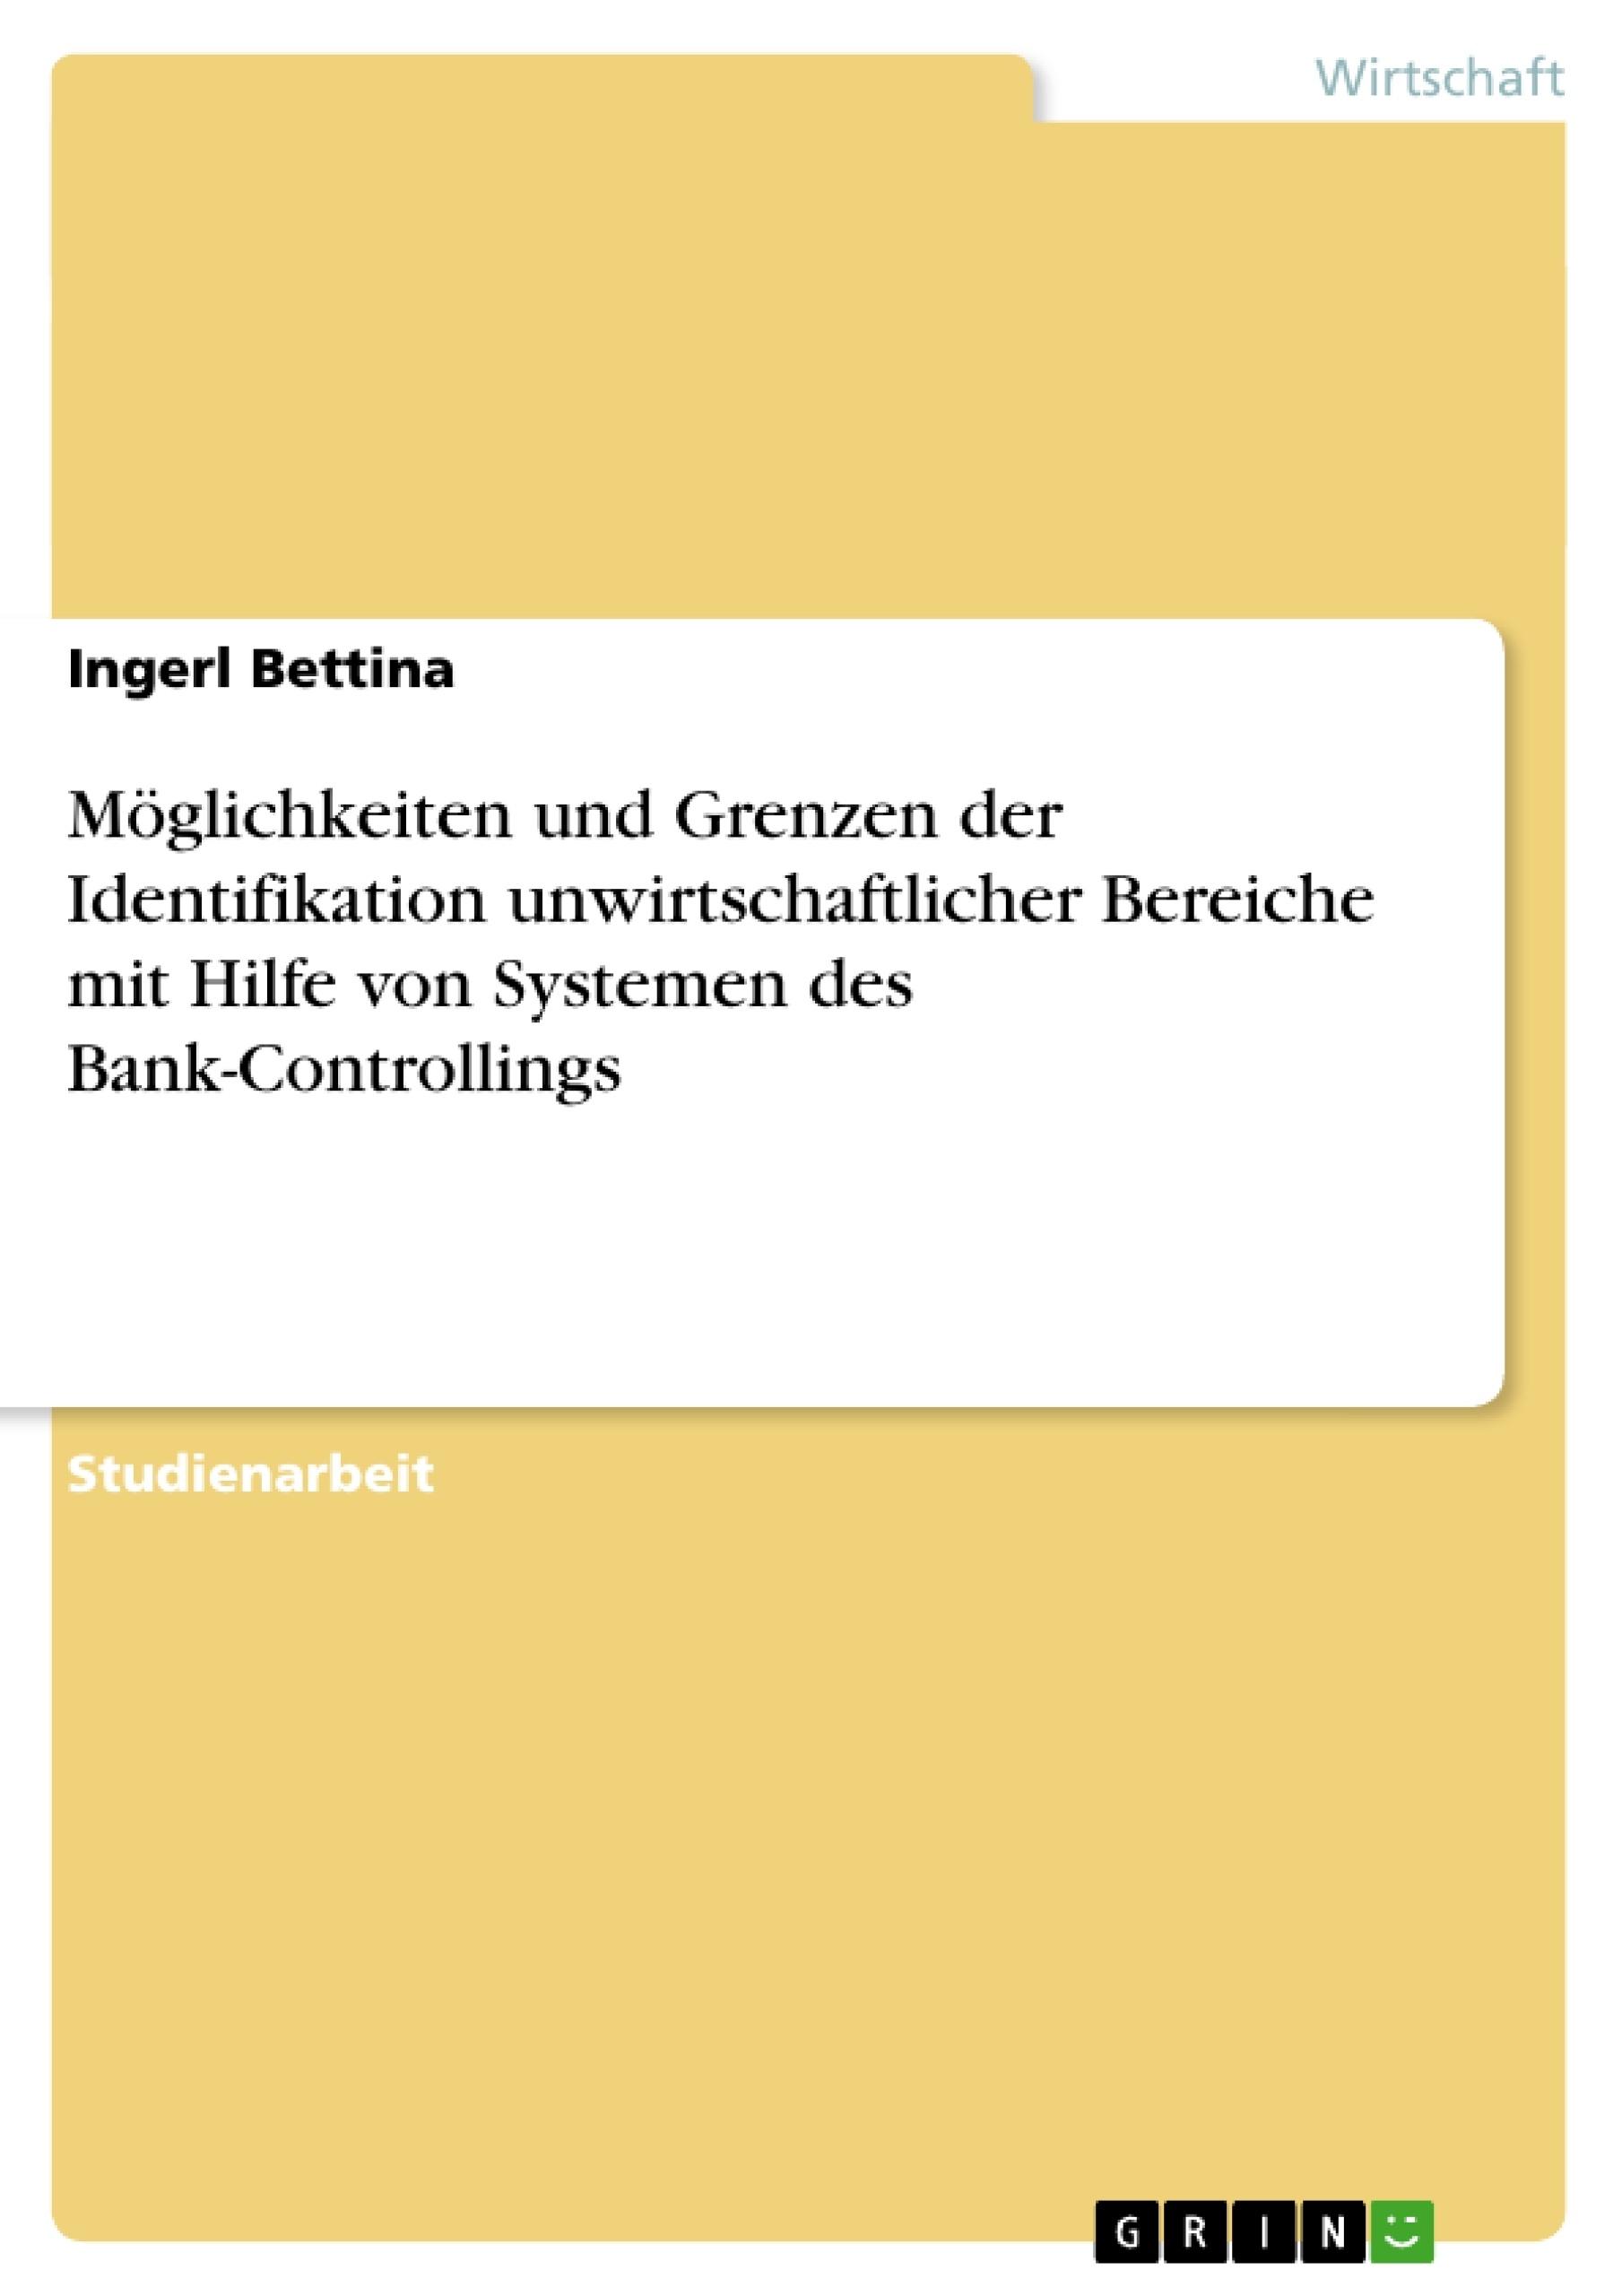 Titel: Möglichkeiten und Grenzen der Identifikation unwirtschaftlicher Bereiche mit Hilfe von Systemen des Bank-Controllings